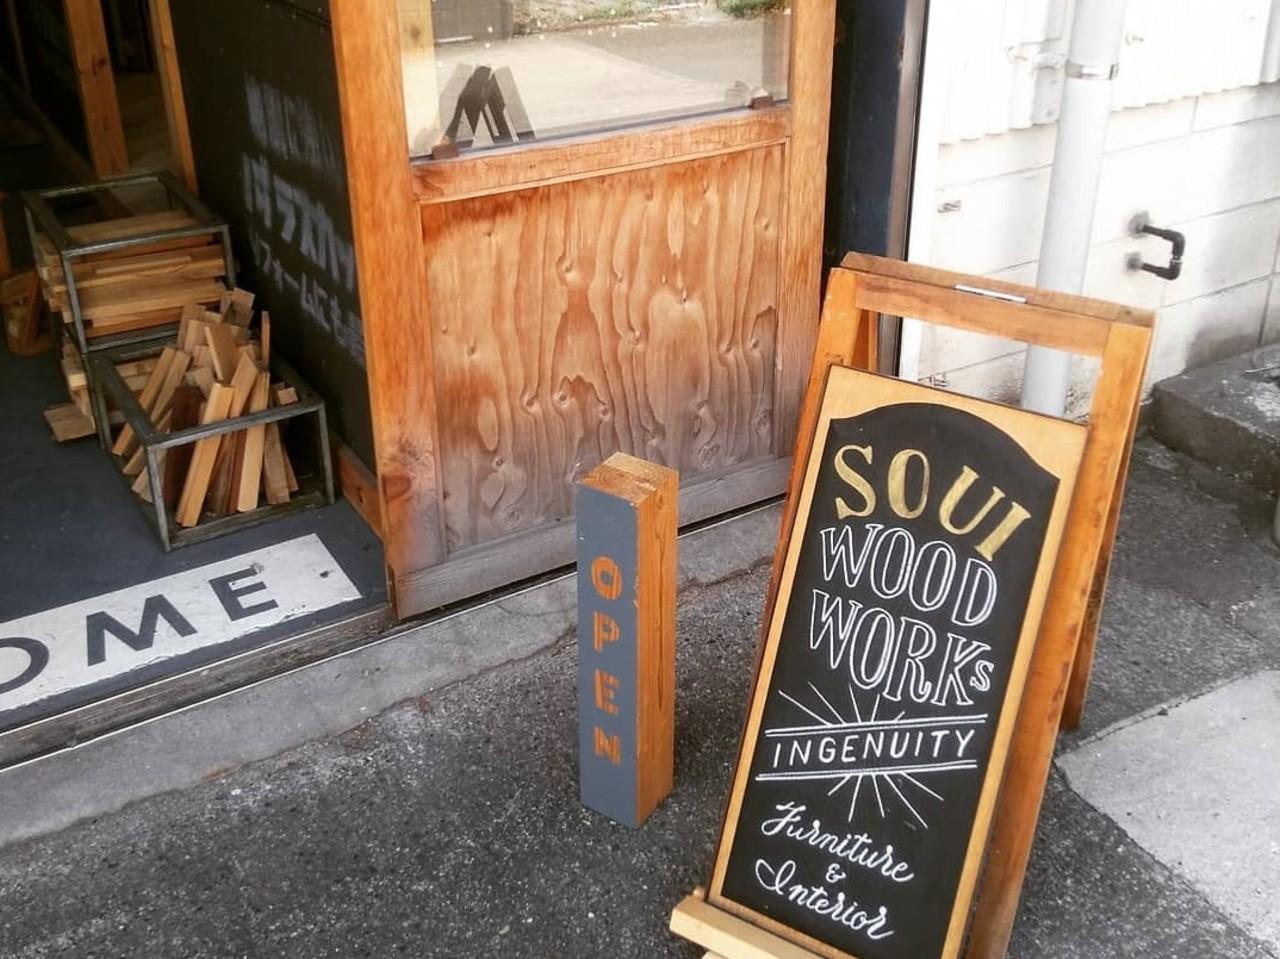 【 Soui woodworks 】家具工房ショールーム(埼玉県川口市)